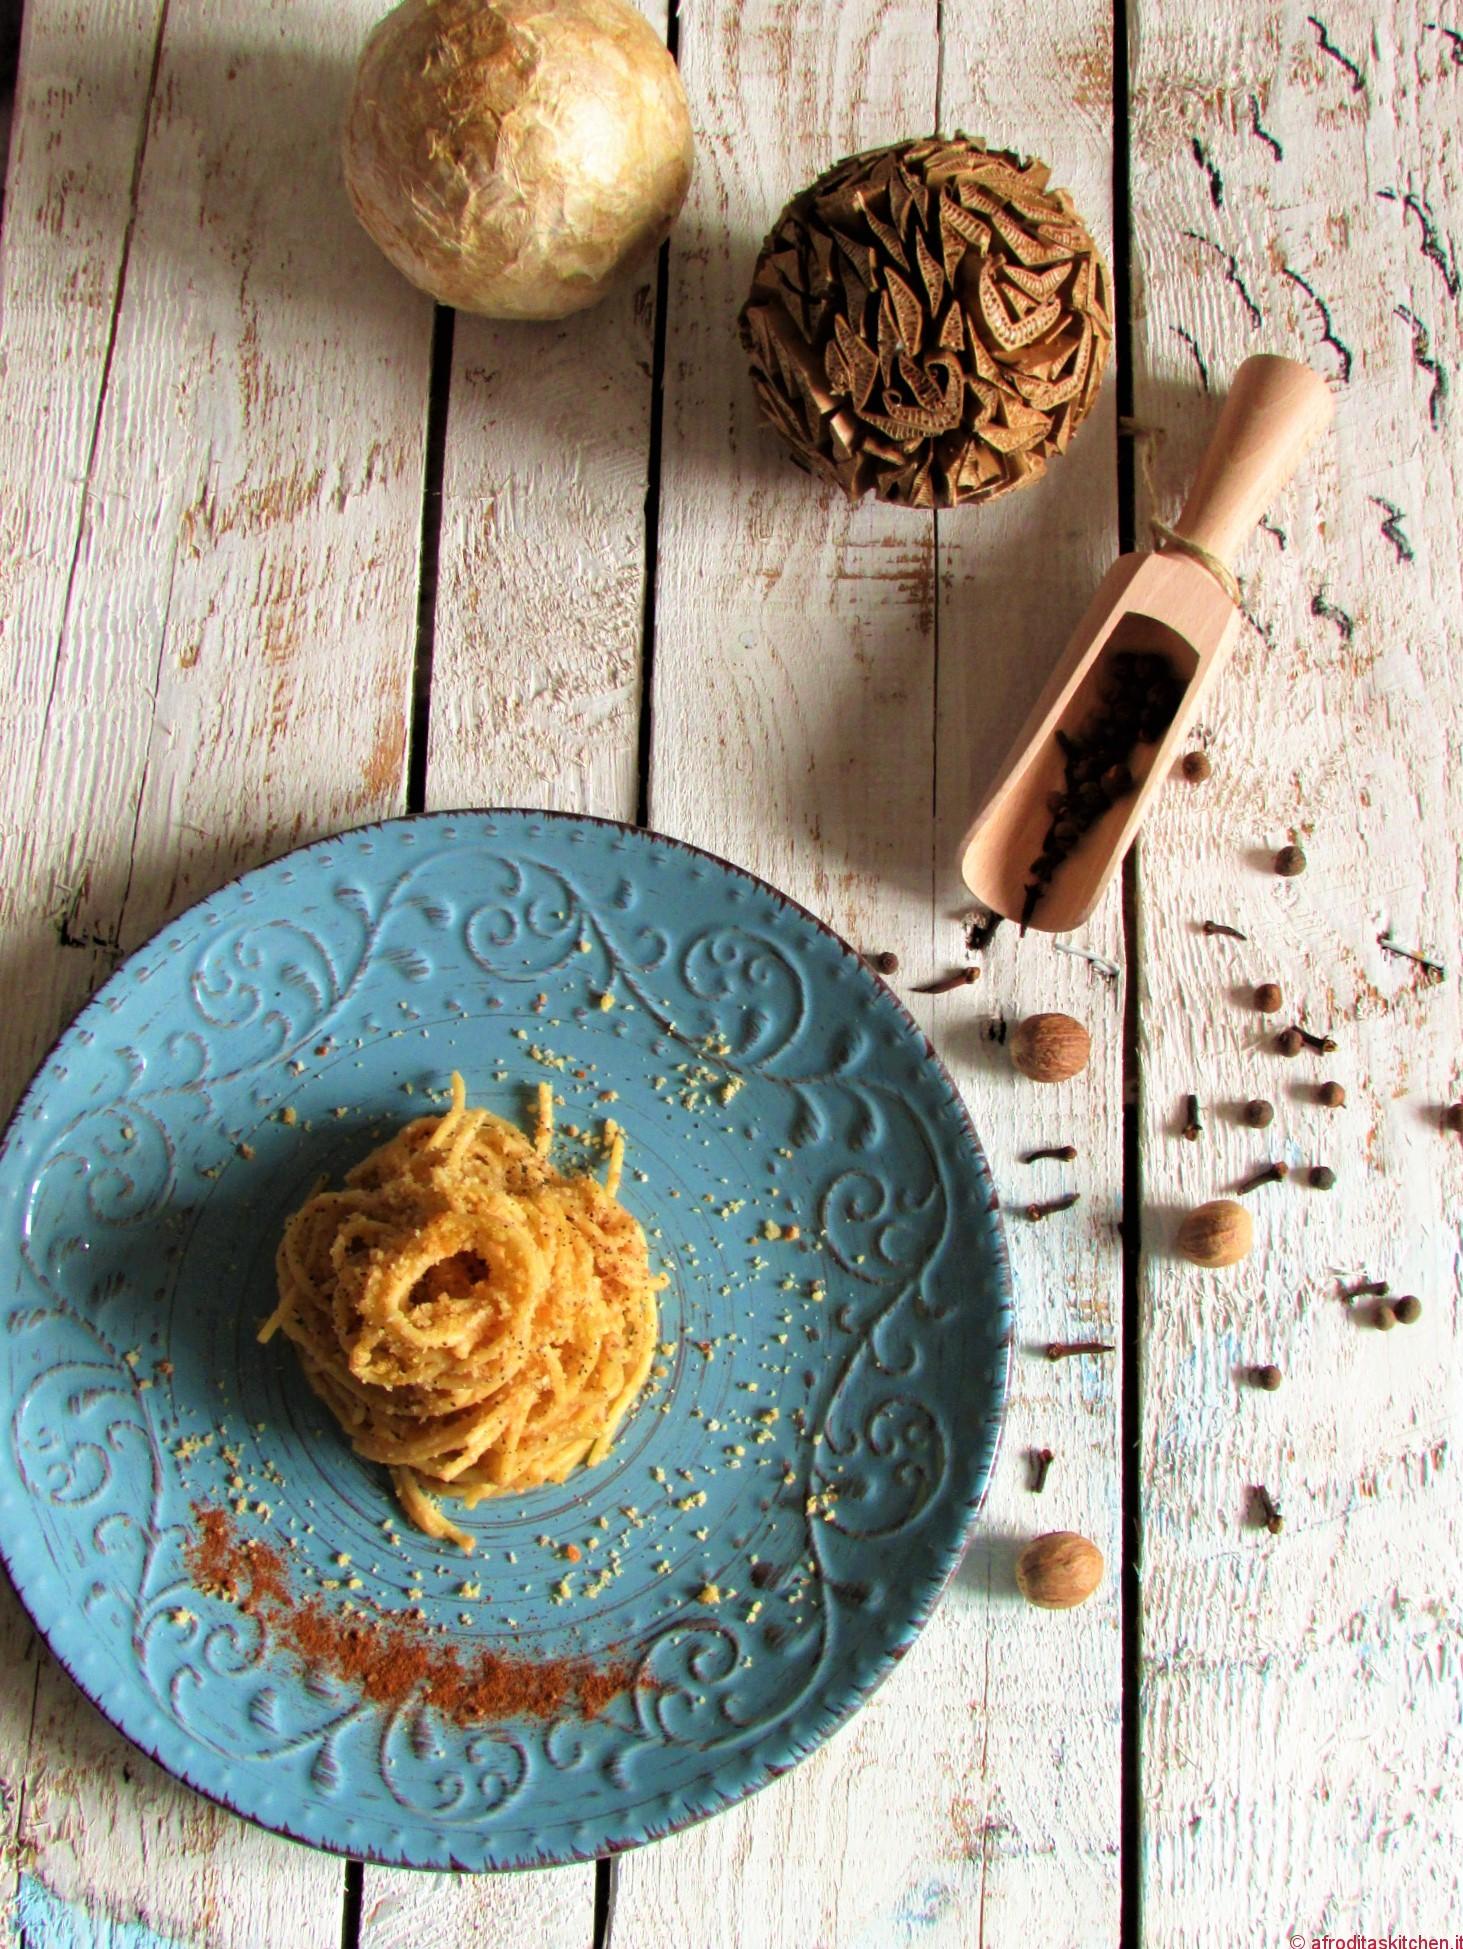 Spaghetti da Quaresima di Pellegrino Artusi